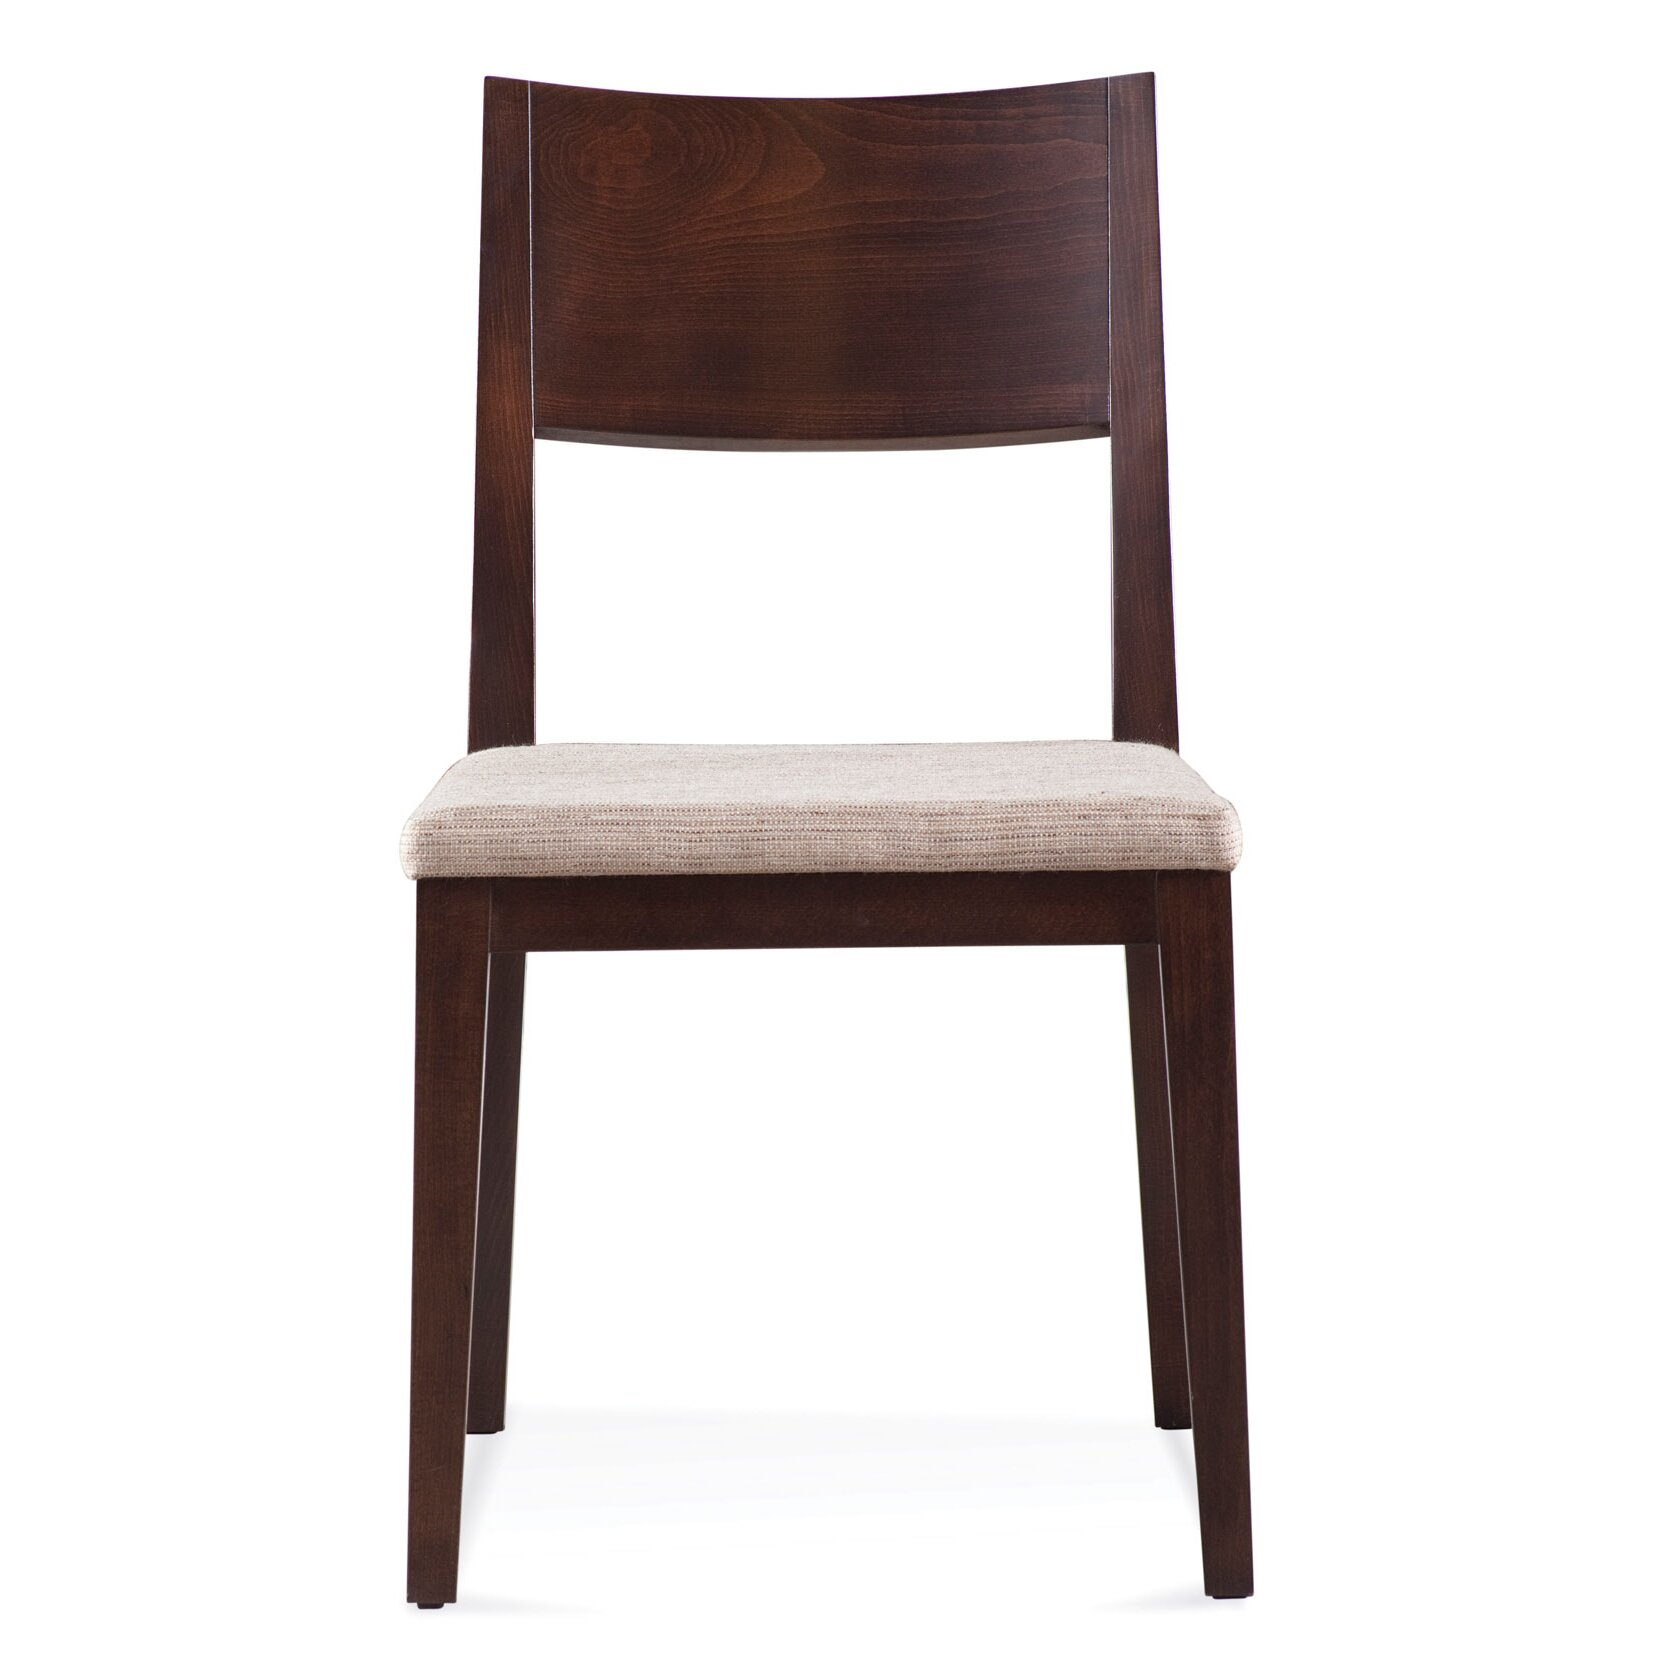 Saloom Furniture Model 14 Side Chair Reviews Wayfair